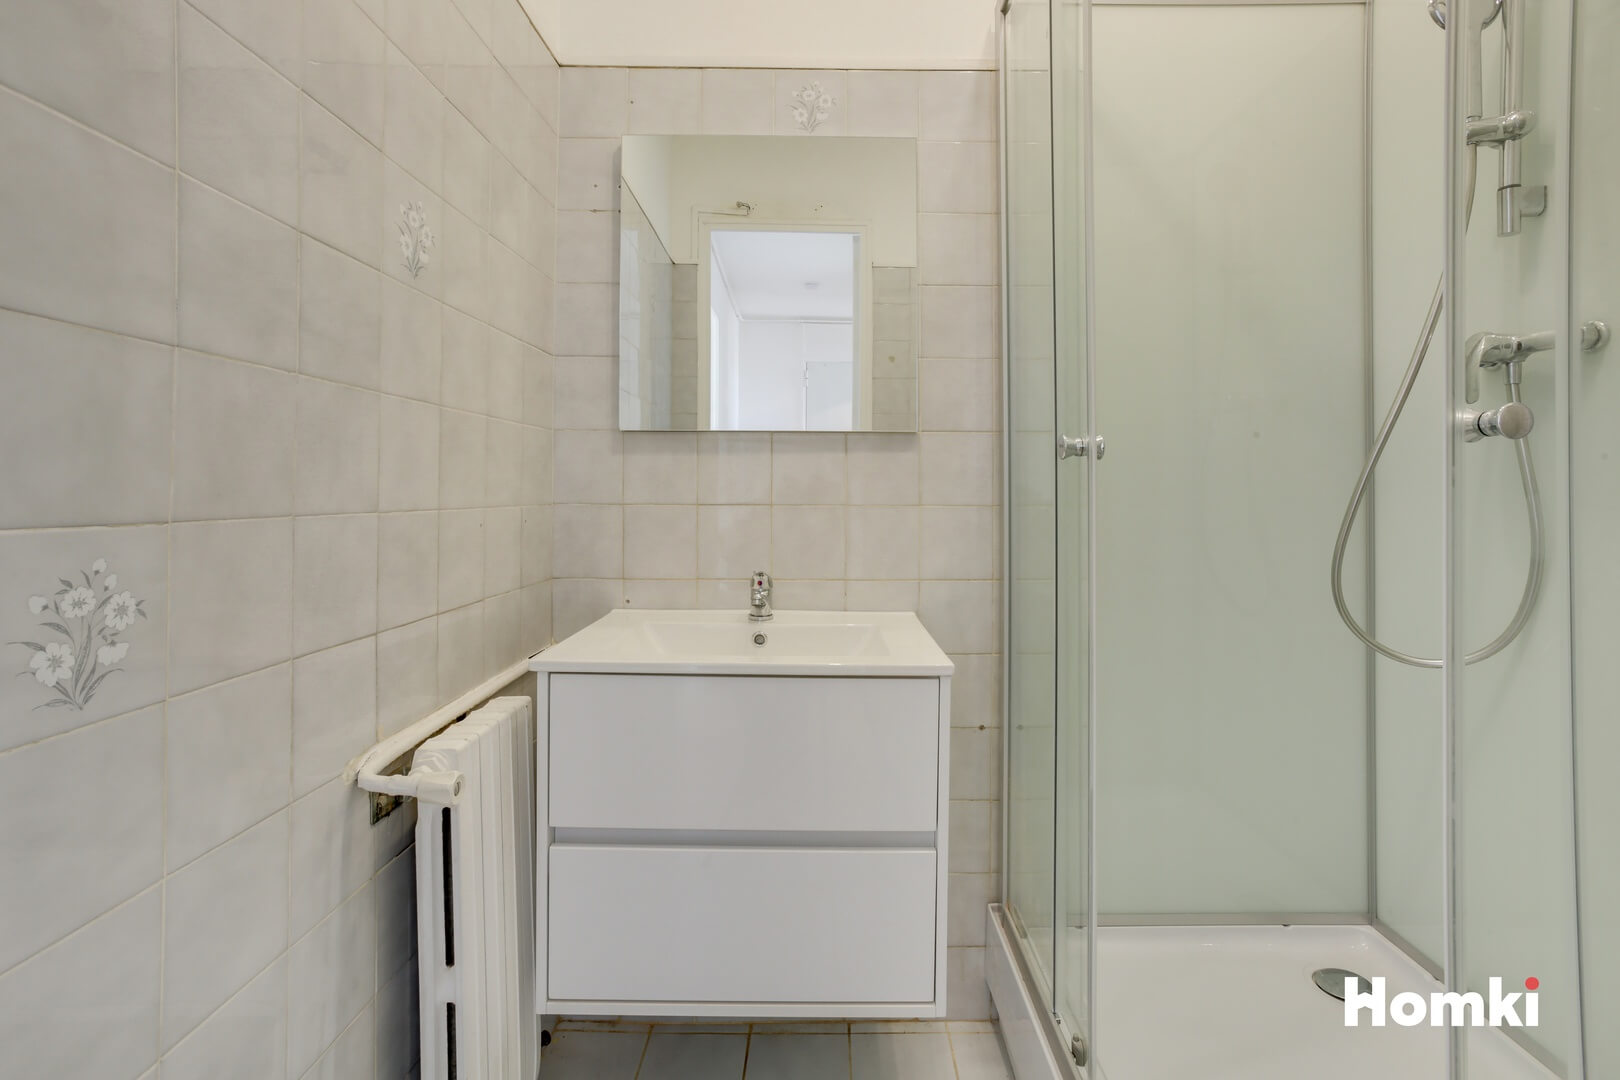 Homki - Vente Appartement  de 50.0 m² à Marseille 13013